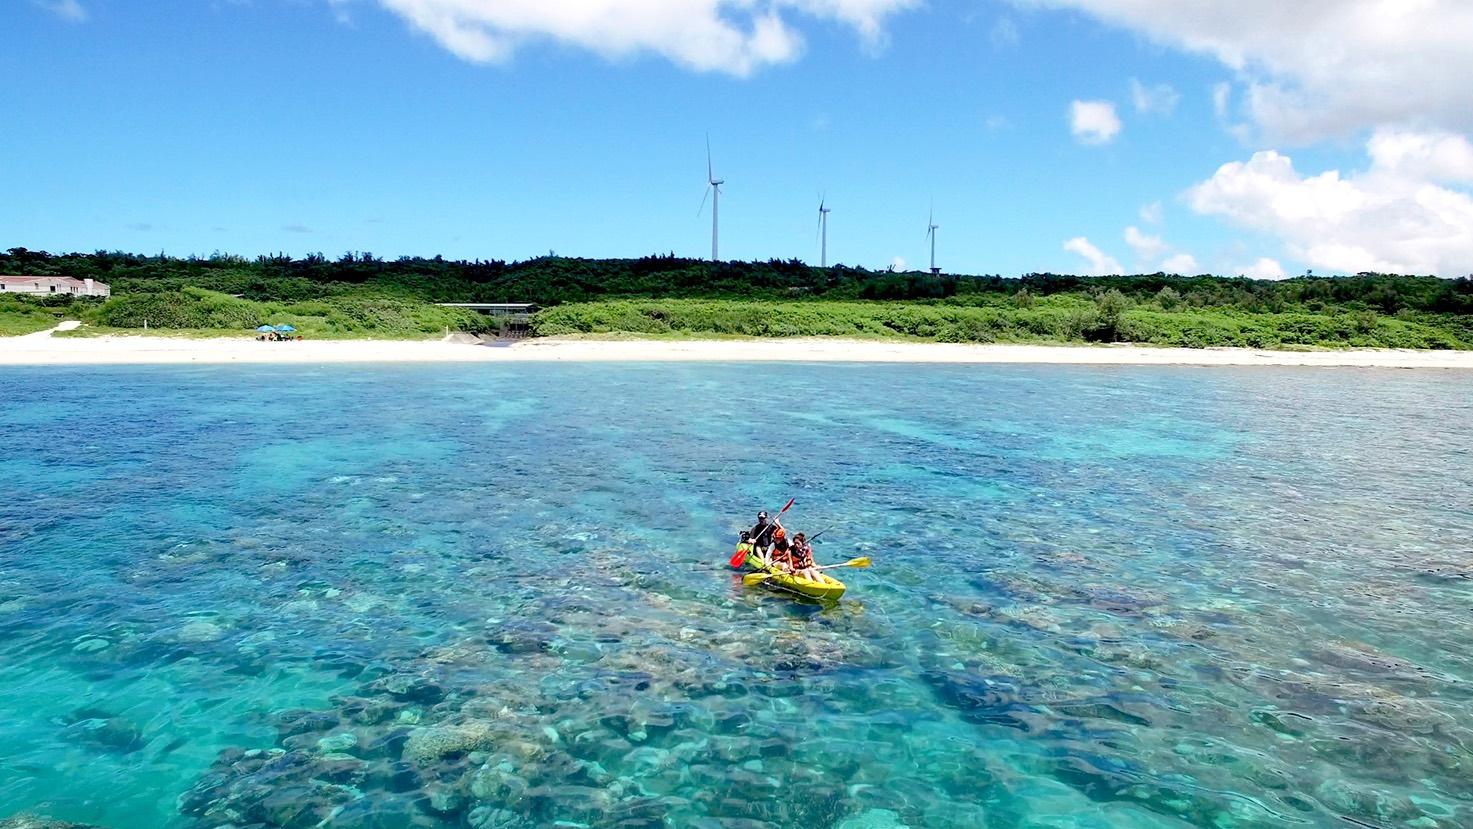 Trải Nghiệm Chèo Thuyền Kayak Và Lặn Biển Tại Kenting (Kèm Dịch Vụ Đưa Đón)  - KKday